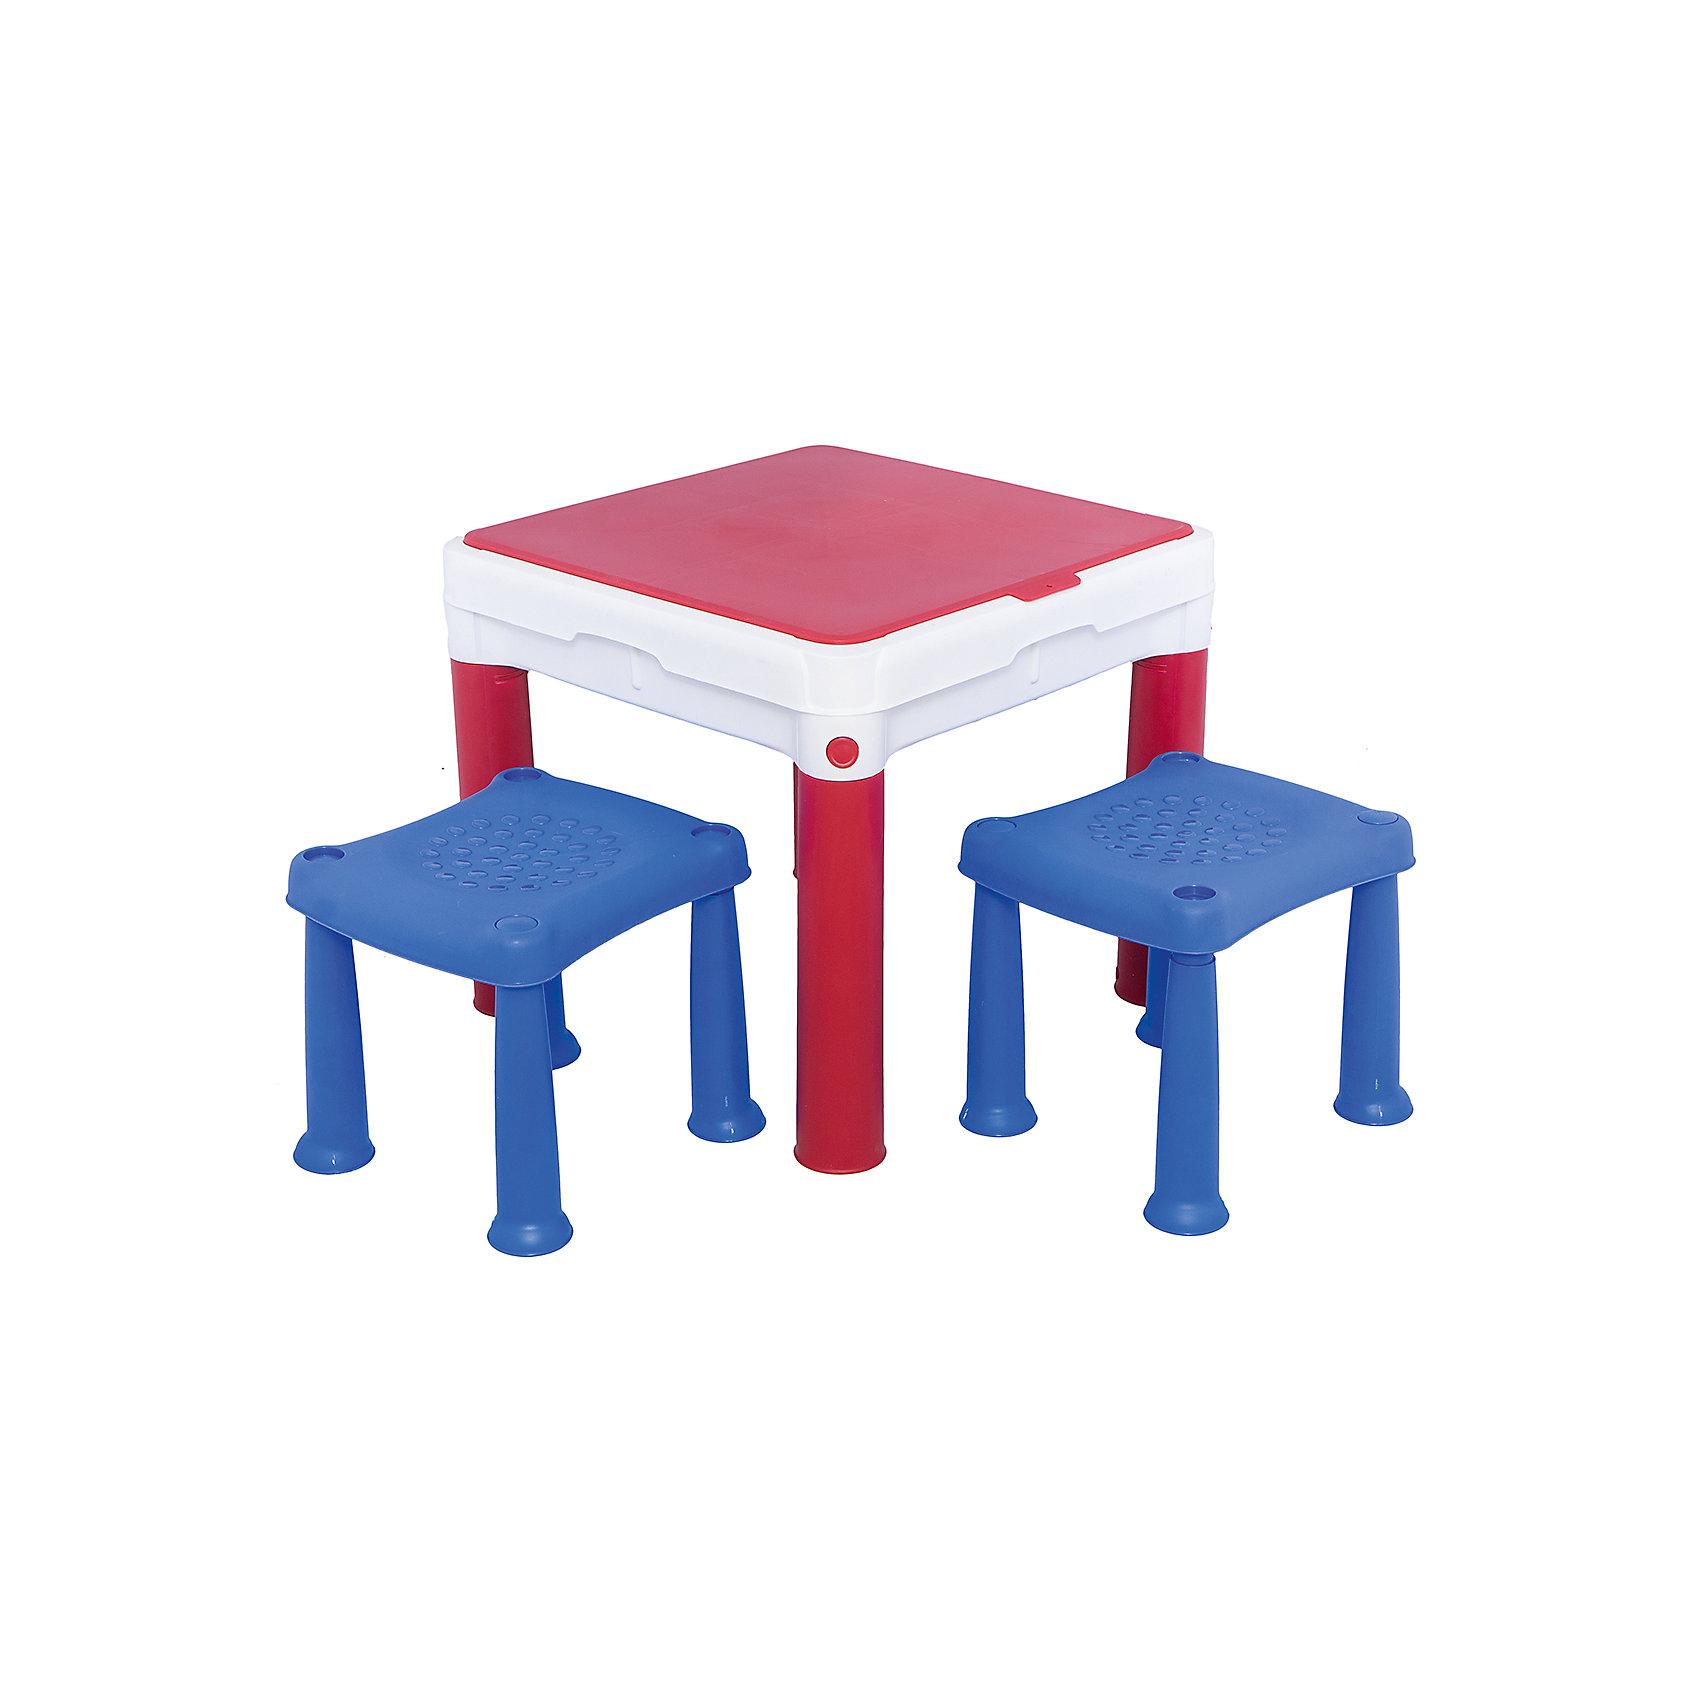 Столик для игр с конструктором (конструктор не входит в комплект)Столик для игр - это просто находка для вашего малыша! Очень удобная двухсторонняя столешница с табуретками. На одной стороне можно играть с любыми игрушками, заниматься рисованием и другими играми, другая сторона предназначена для игр с конструктором. <br>Конструктор в комплект не входит.<br><br>Дополнительная информация:<br><br>- 2 табуретки в комплекте.<br>- Возраст: от 2-х лет.<br>- Вес 4,8 кг.<br>- Размеры: 50,5x50,5x44,5 см.<br><br>Столик для игр с конструктором можно купить в нашем магазине.<br><br>Ширина мм: 550<br>Глубина мм: 550<br>Высота мм: 445<br>Вес г: 4800<br>Возраст от месяцев: 24<br>Возраст до месяцев: 96<br>Пол: Унисекс<br>Возраст: Детский<br>SKU: 4718339